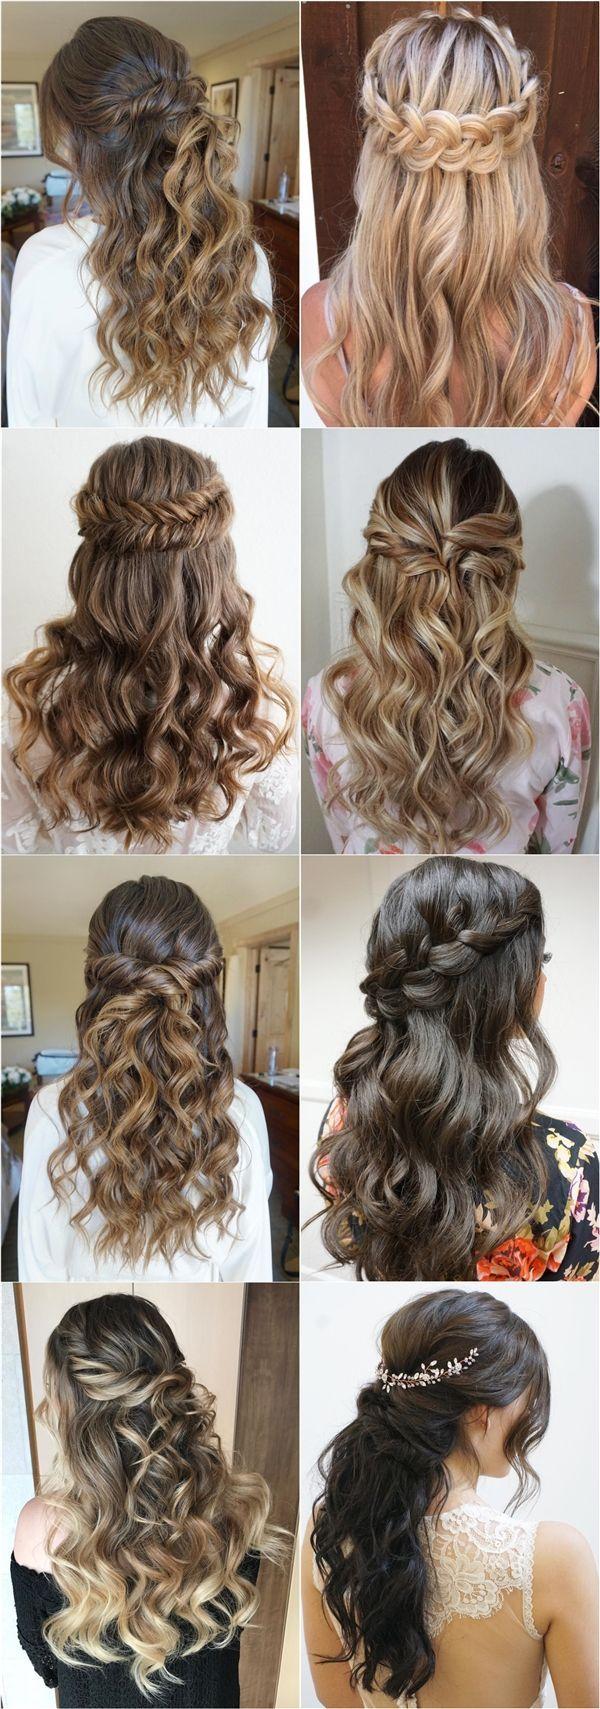 Half Up Half Down Hochzeitsfrisuren von Heidi Marie Garrett #Hochzeiten #hairsty